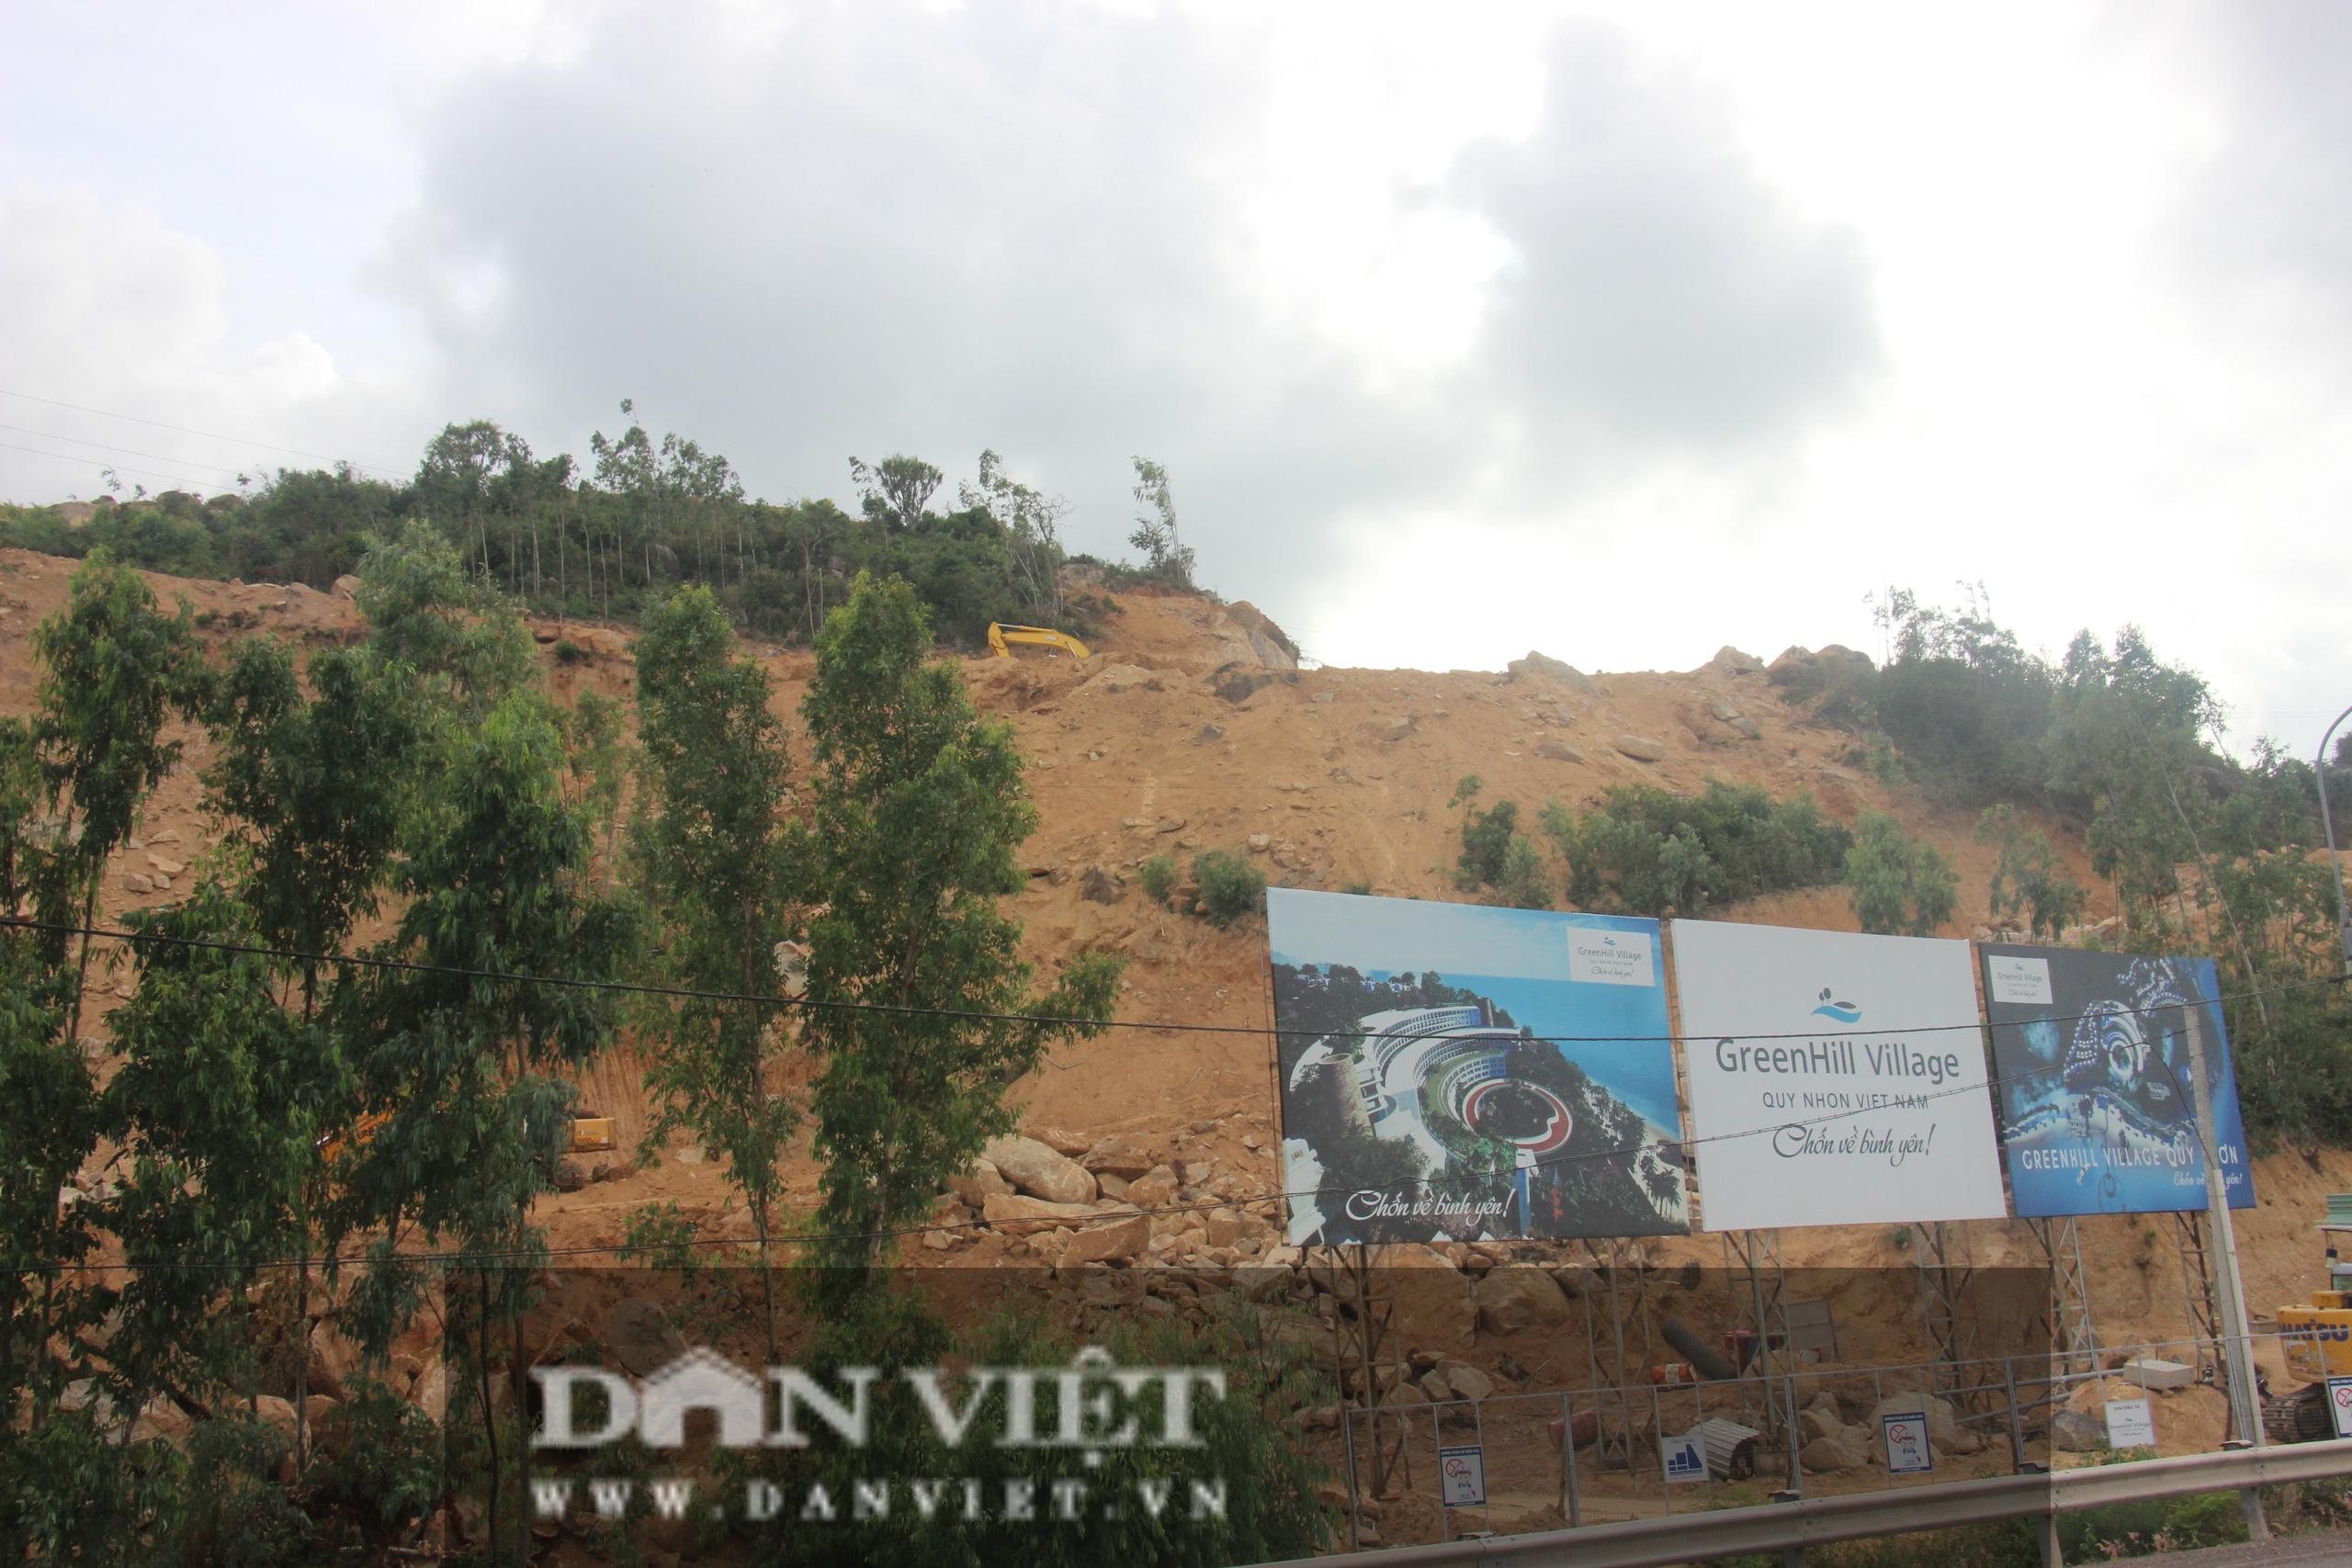 Dự án Greenhill Village Quy Nhơn ồ ạt lấy đất khi chưa được phép, phường 'không biết', Sở 'không hay' - Ảnh 1.